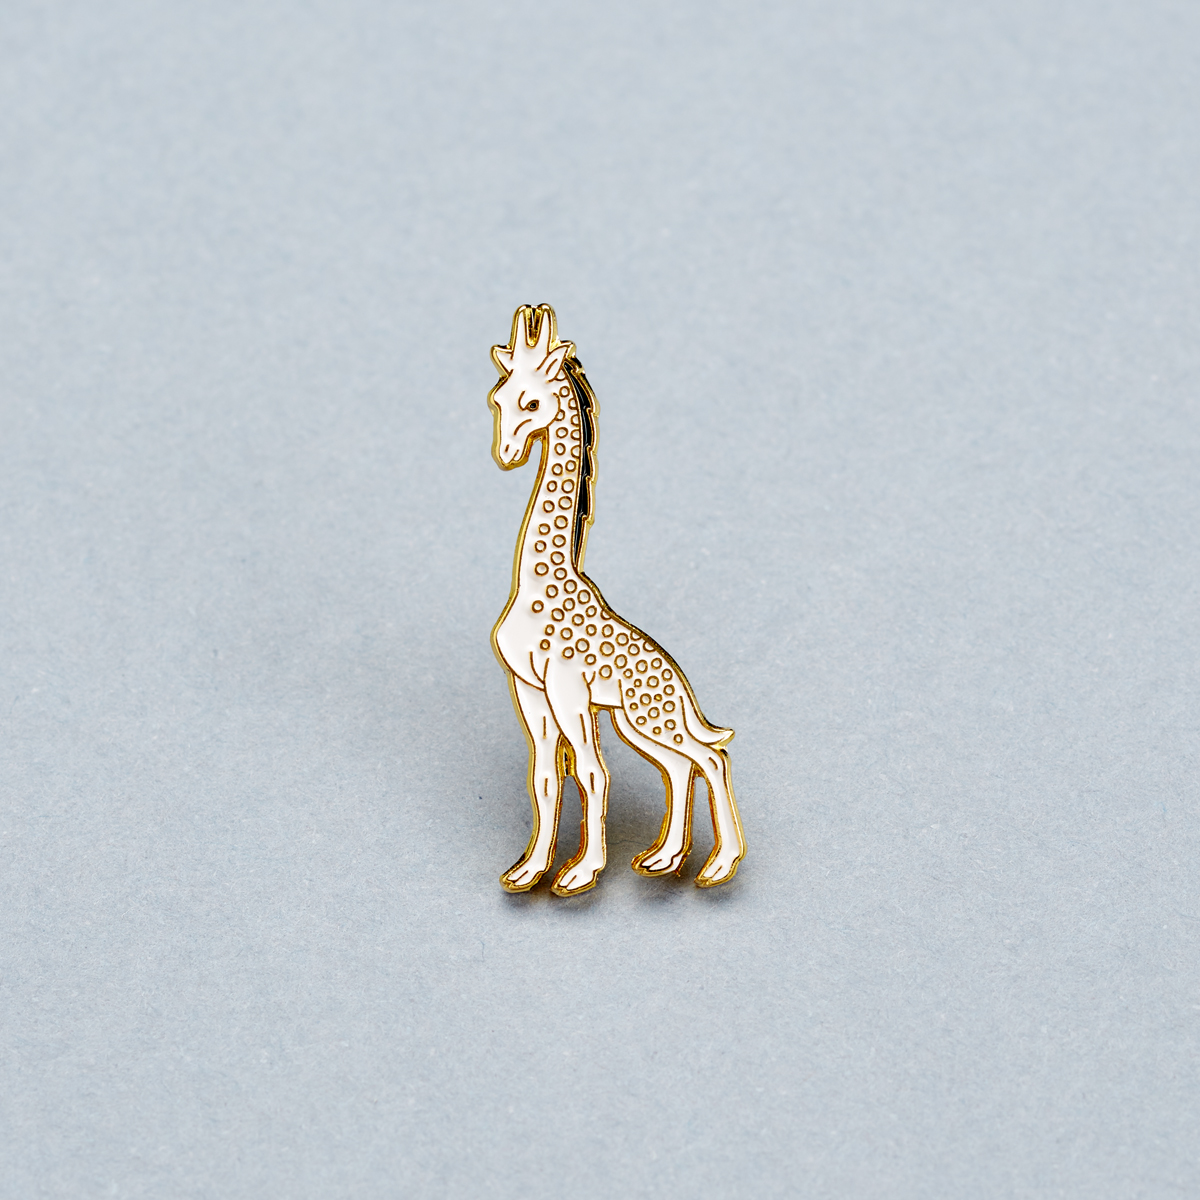 Купить Значок эмалированный Камелеопард, Подписные издания, Россия